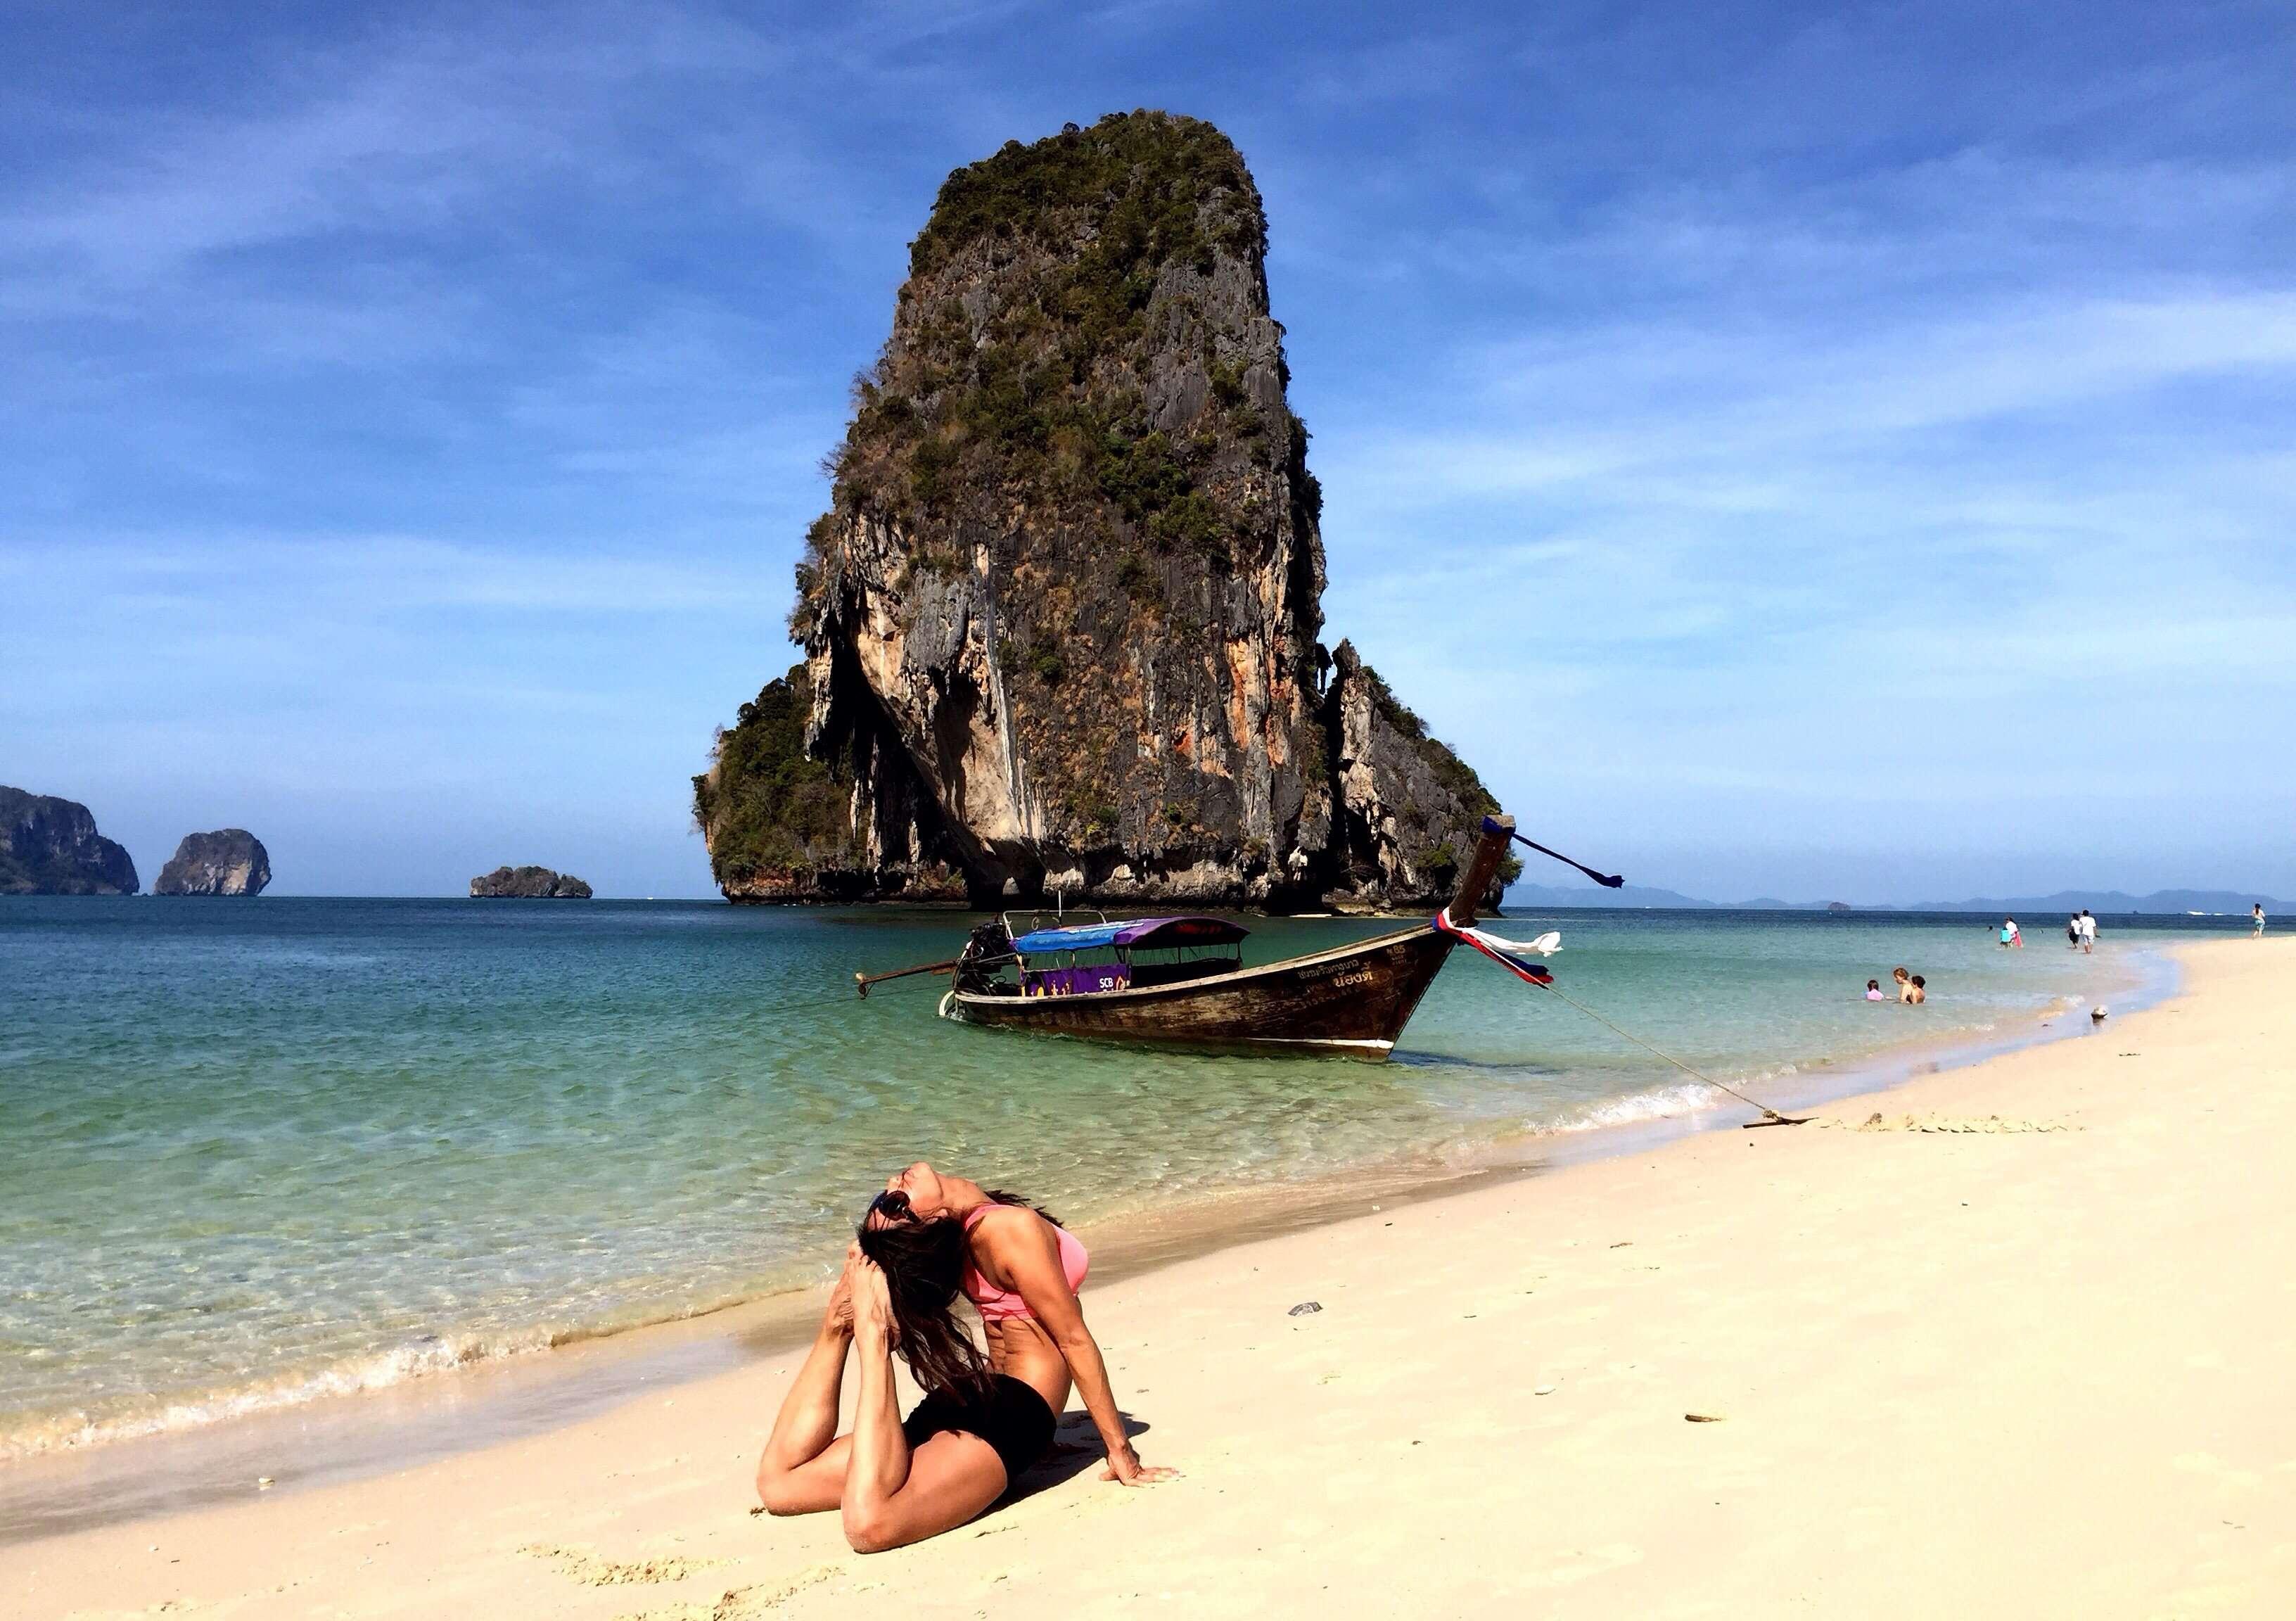 Duc me con so long beach - Yoga Shoot On The Beach